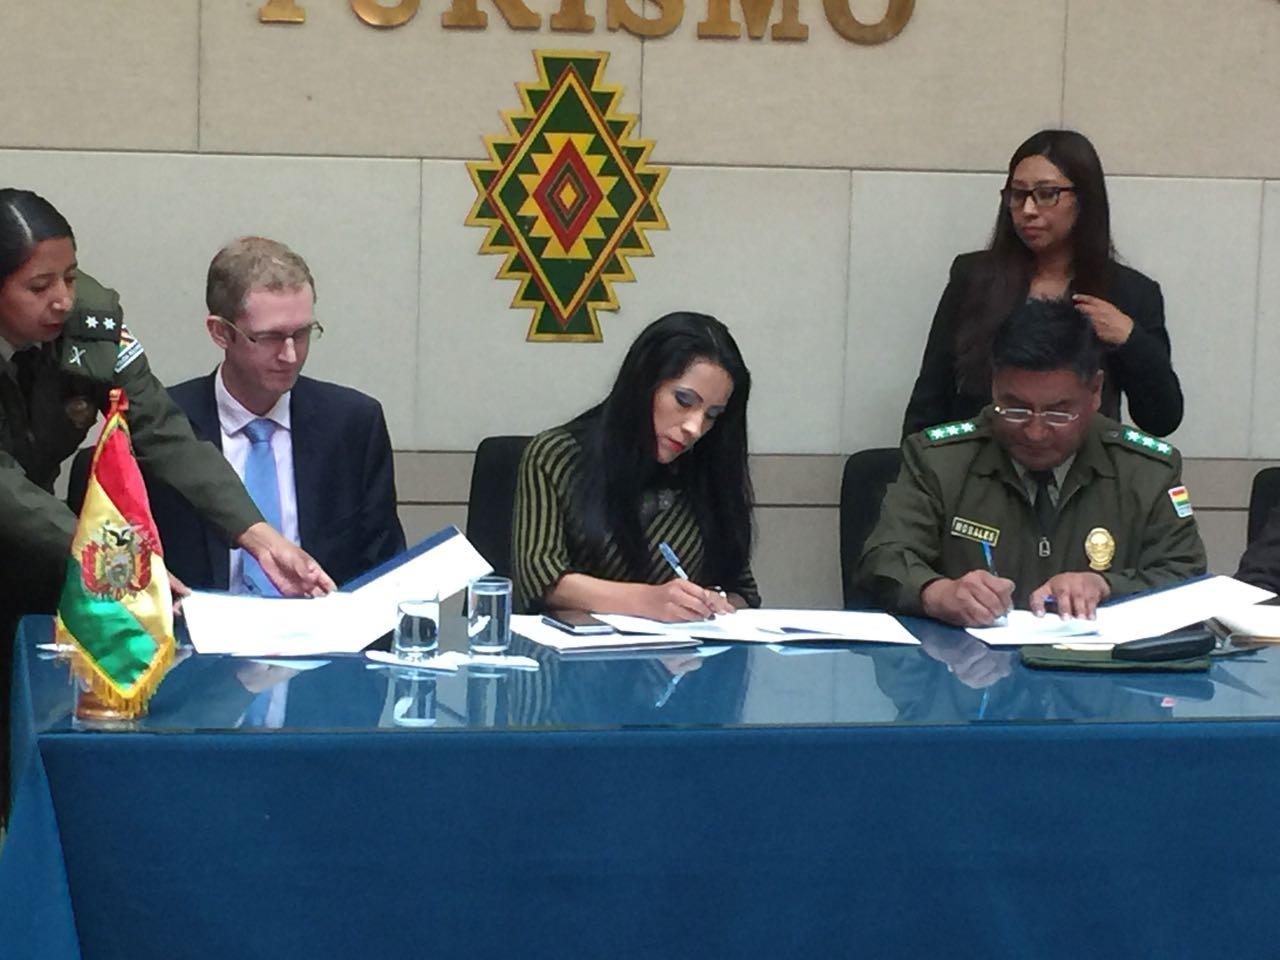 Ministra Alanoca, embajador británico y director de la Universidad Policial firmaron el convenio académico